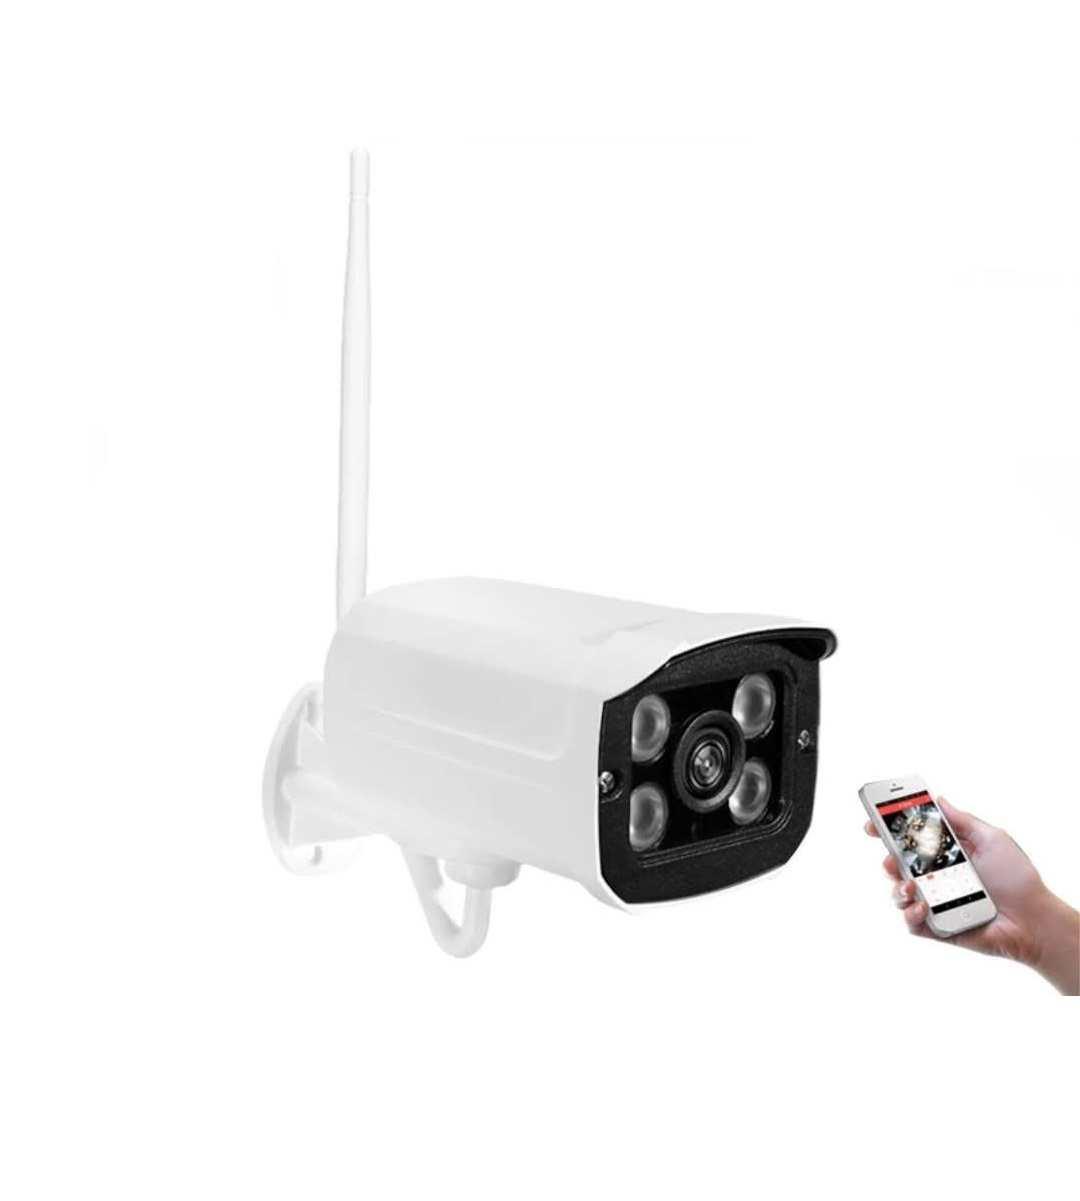 Câmera Ip Wifi Externa 2 Antenas Hd Acesso Remoto + Fonte Bivolt